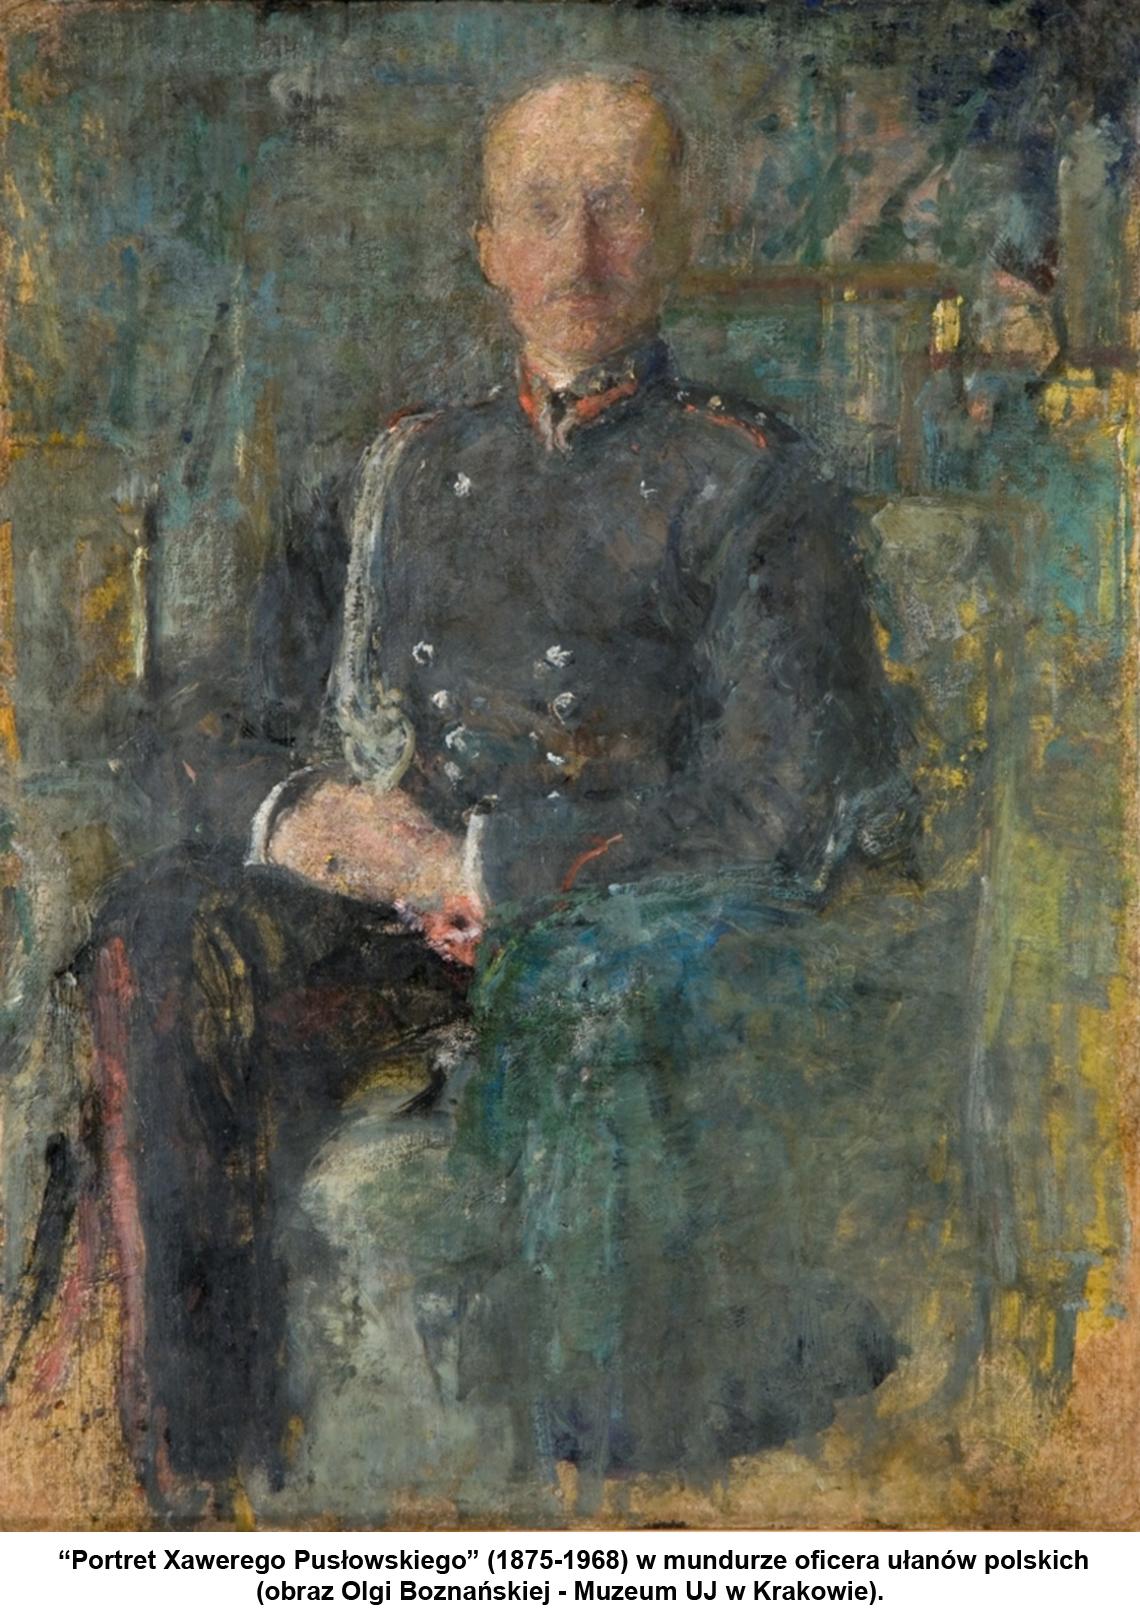 """""""Portret Xawerego Pusłowskiego"""" (1875-1968) w mundurze oficera ułanów polskich (obraz Olgi Boznańskiej - Muzeum UJ w Krakowie)."""